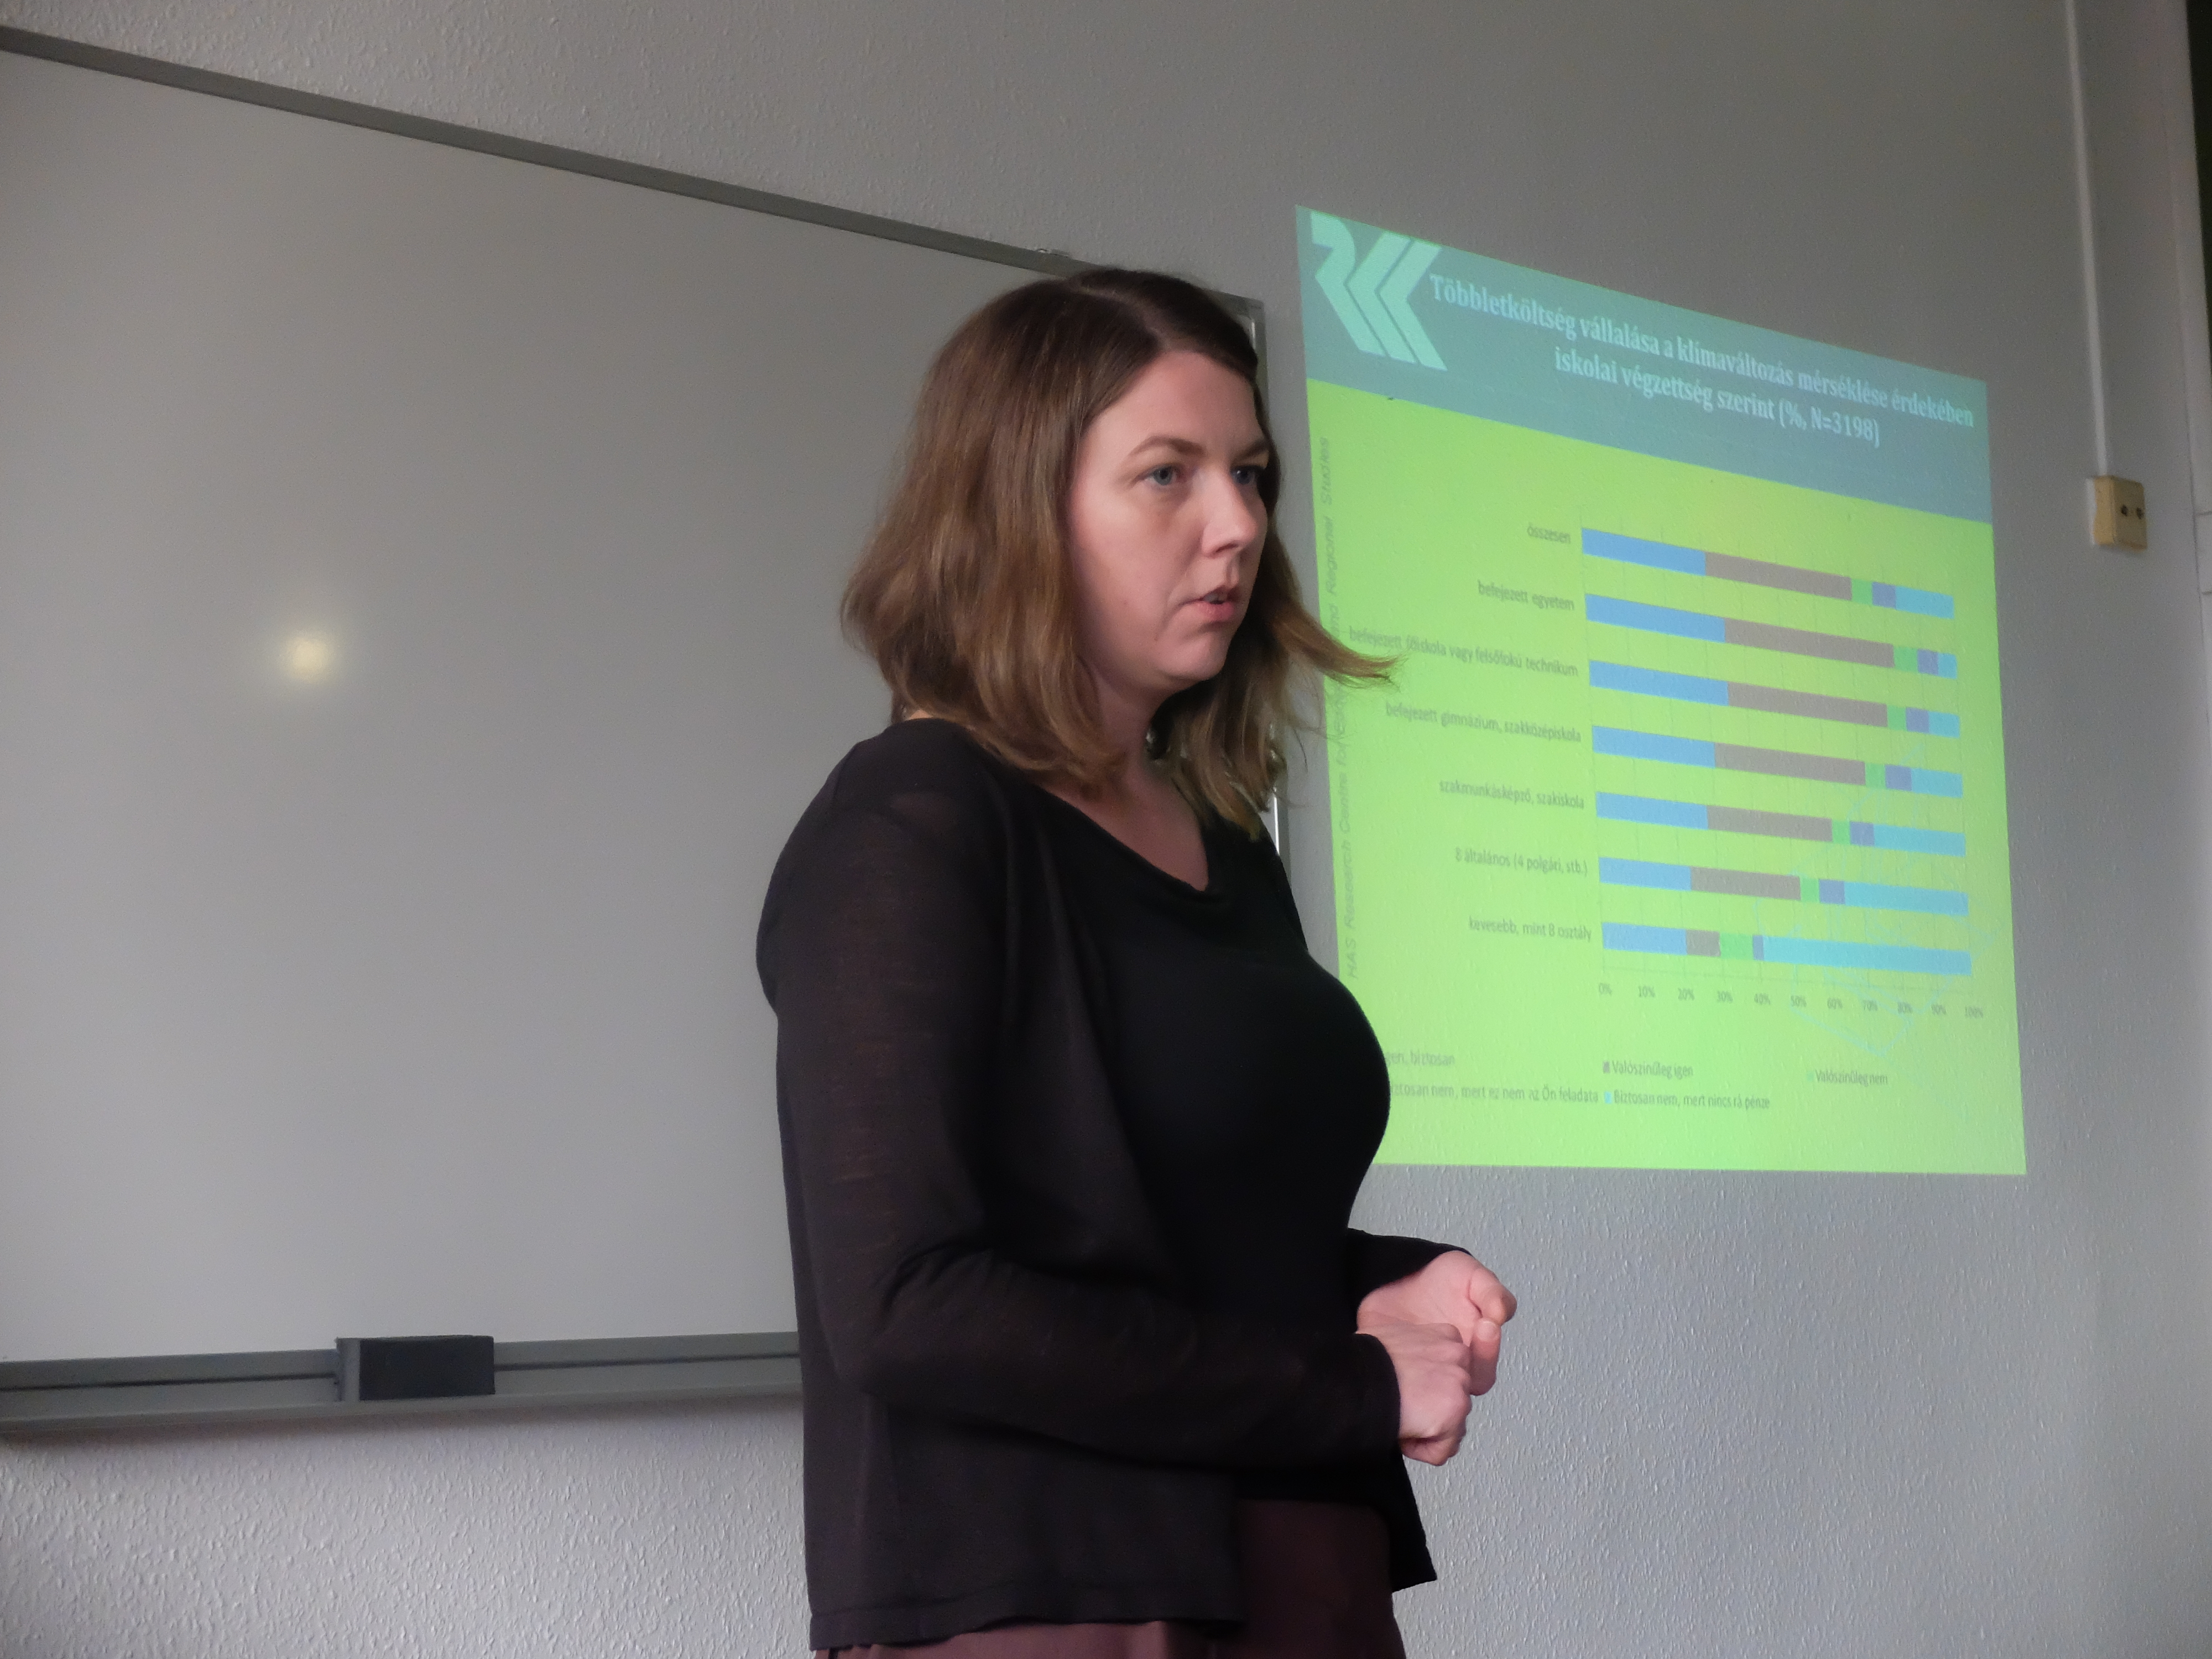 Baranyai Nóra előadása a Magyar Regionális Tudományi Társaság XIII. Vándorgyűlésén, Egerben, 2015. november 20-án